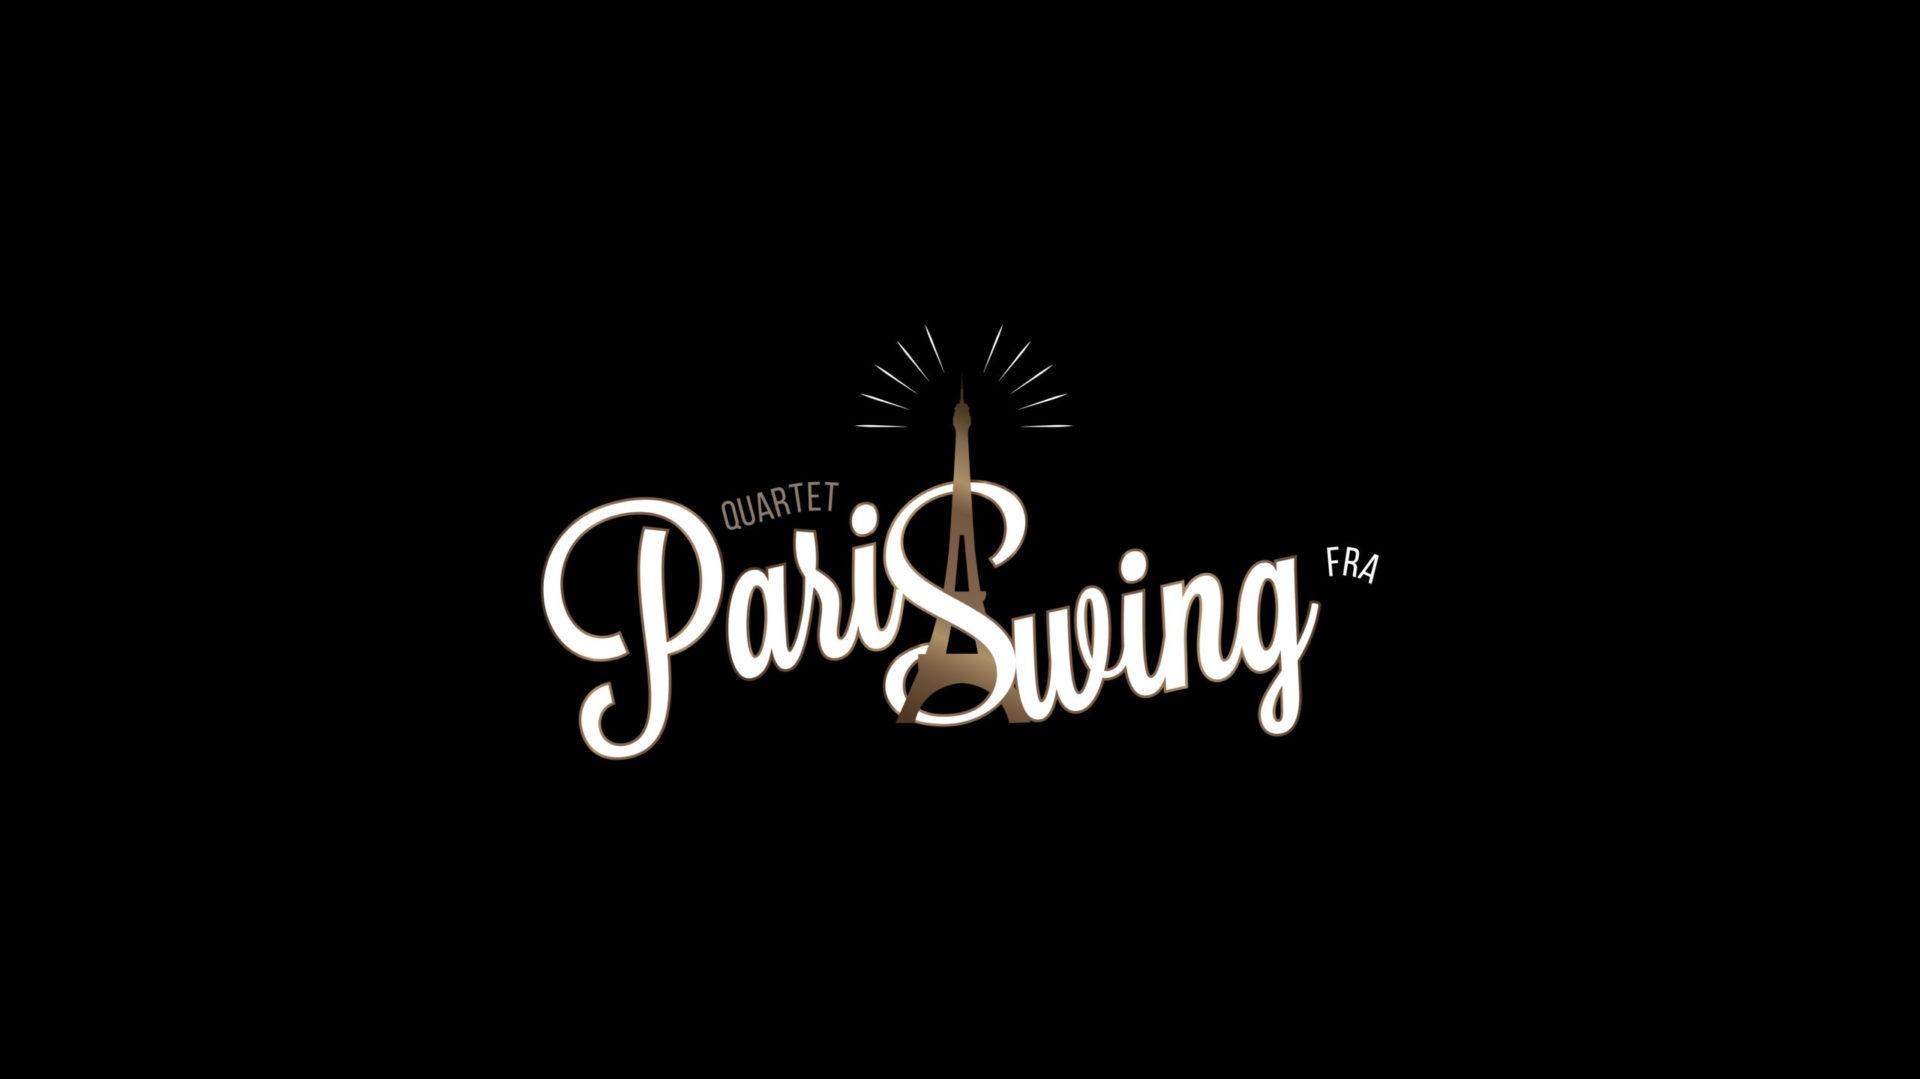 PariSwing Quartet